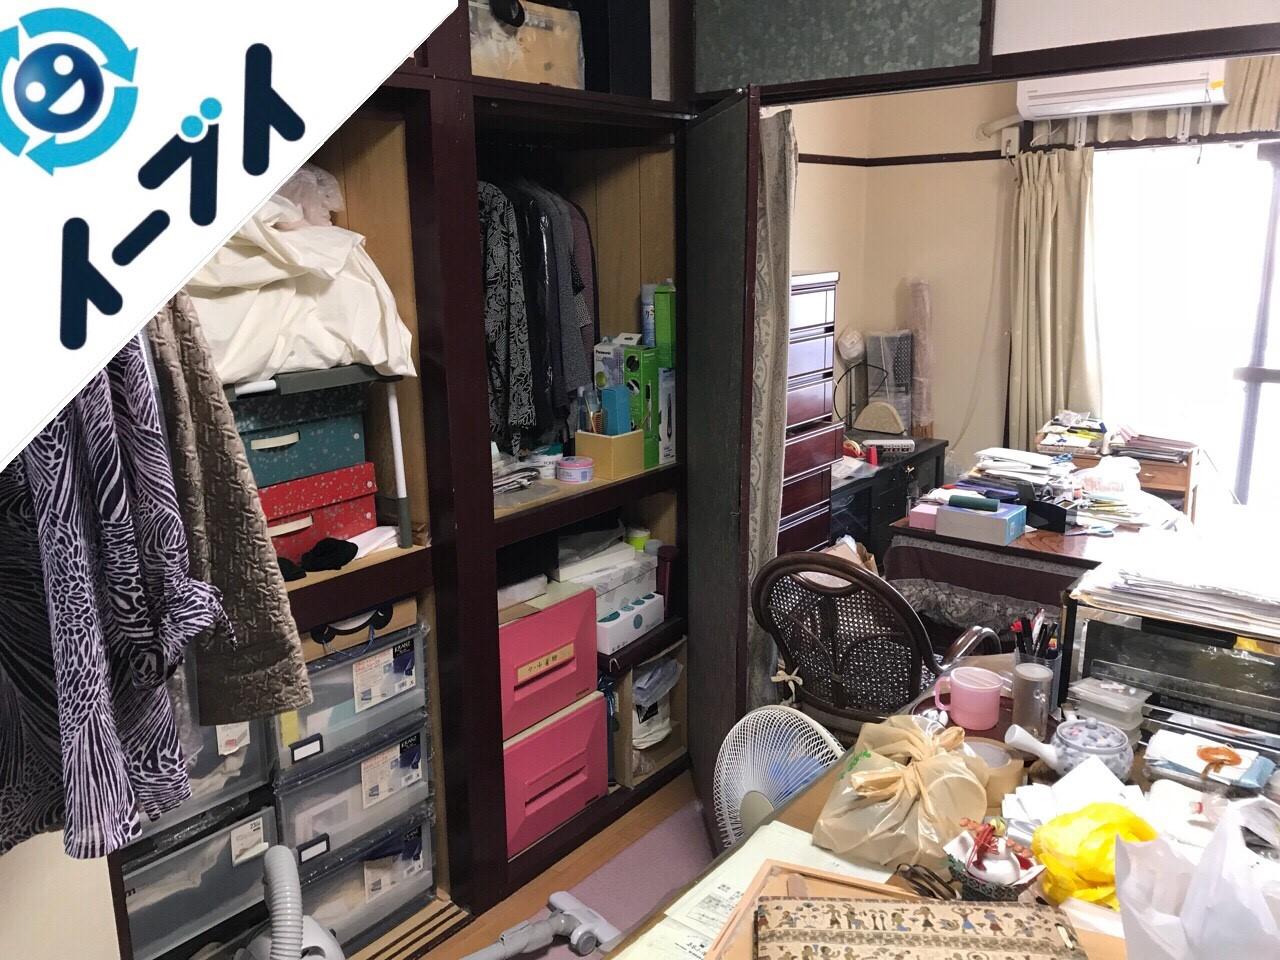 2018年8月2日大阪府大阪市生野区で介護施設に荷物の運搬と粗大ゴミの不用品回収。写真1